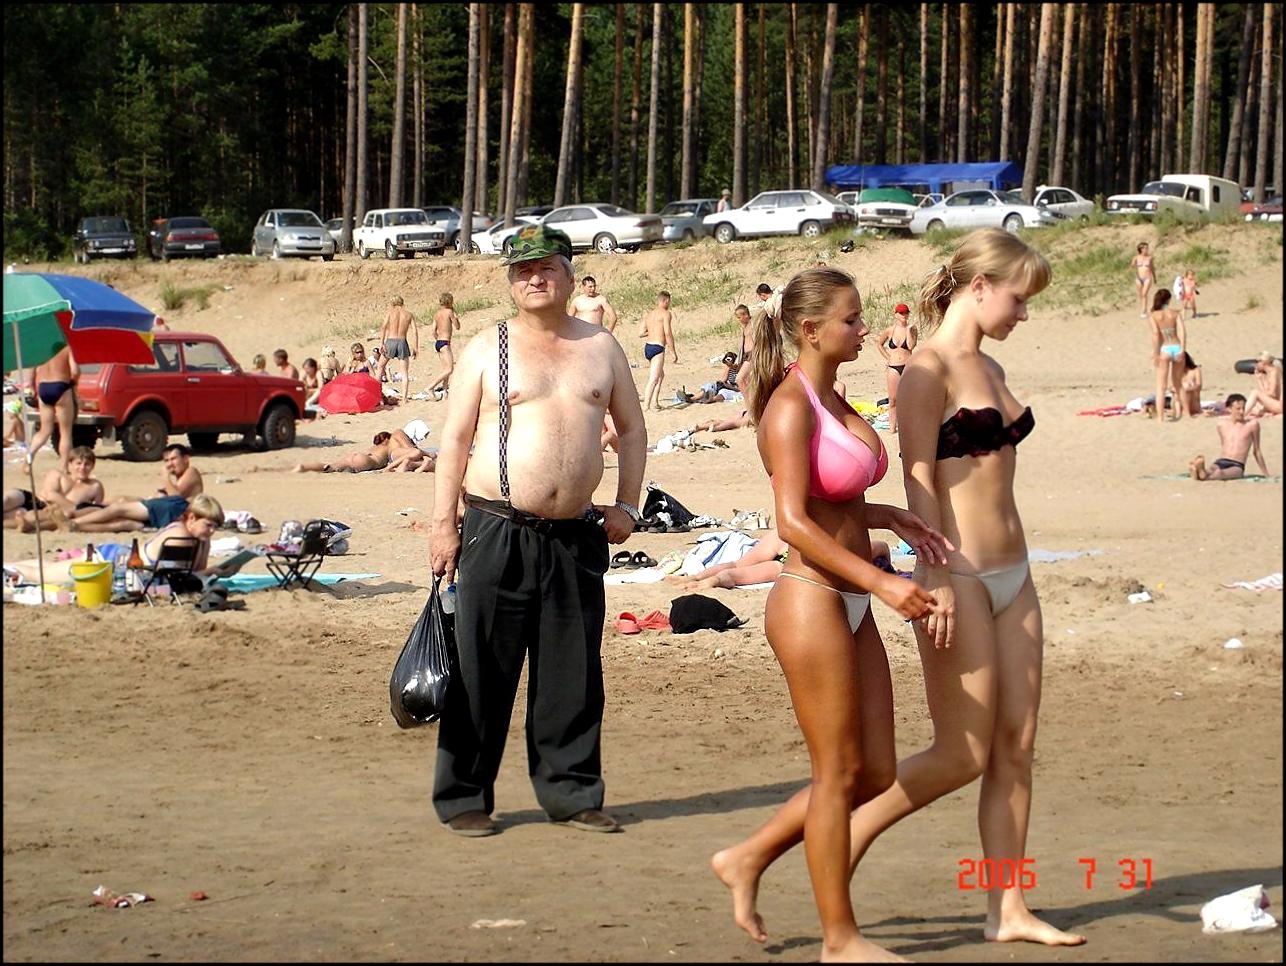 Смотреть онлайн бесплатно в хорошем качестве нудисткий пляж 3 фотография